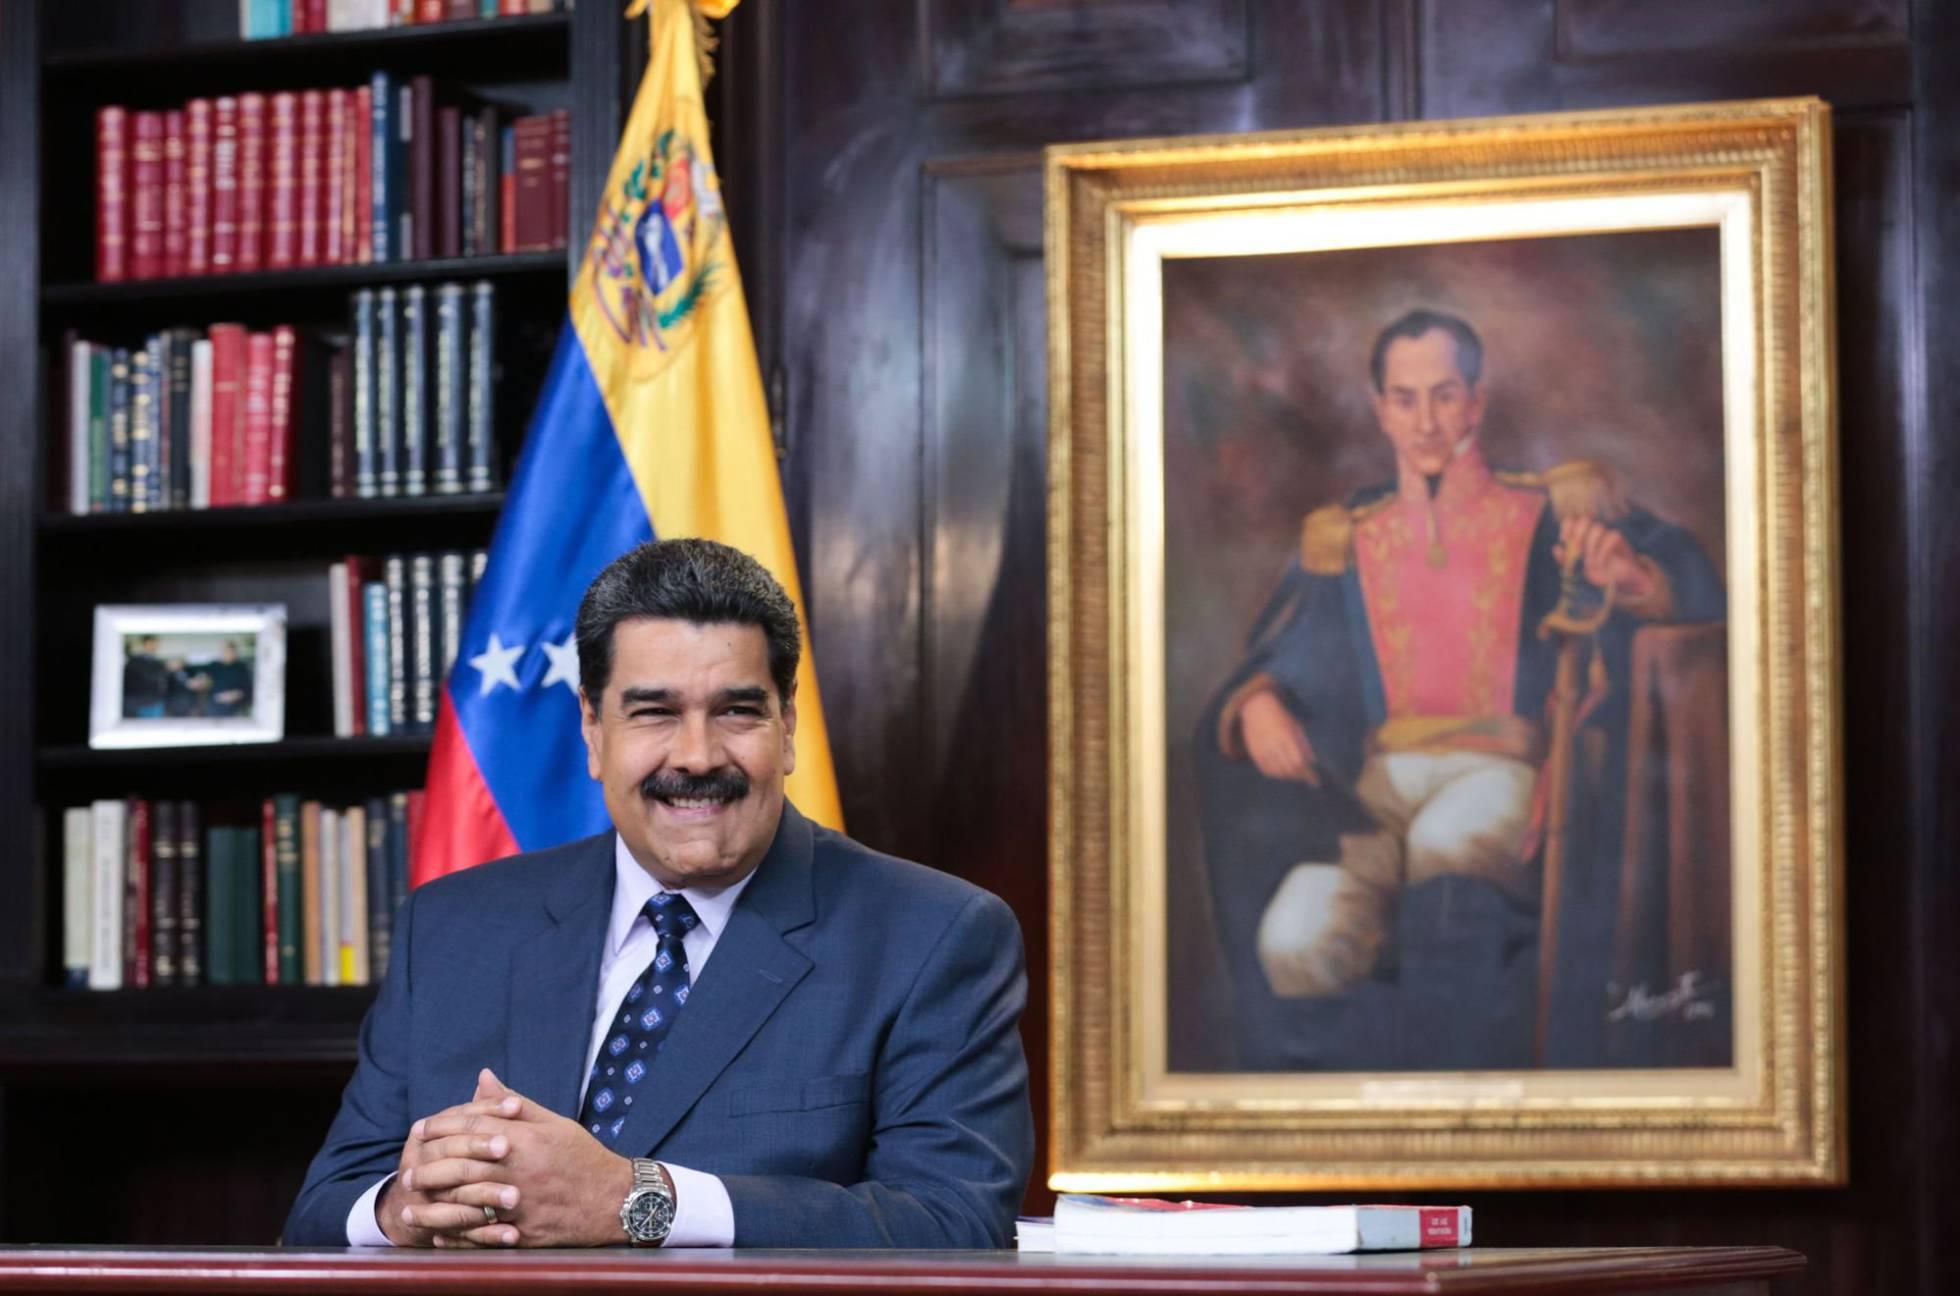 El chavismo deja una estela de corrupción en dos décadas de revolución bolivariana